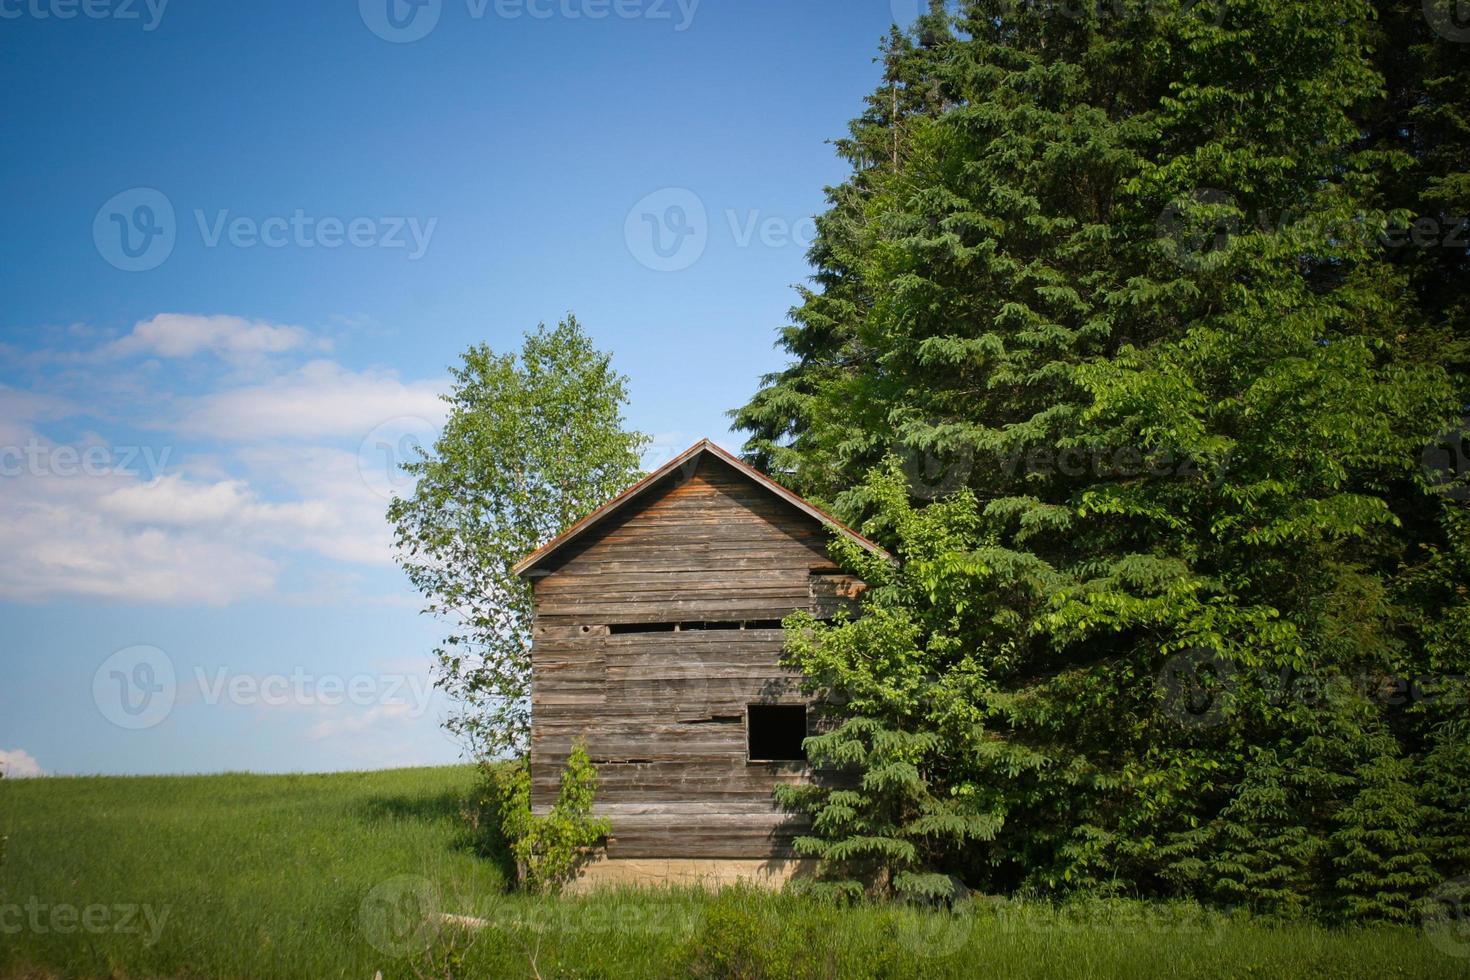 Pequeña cabaña de madera vieja además de árboles verdes foto